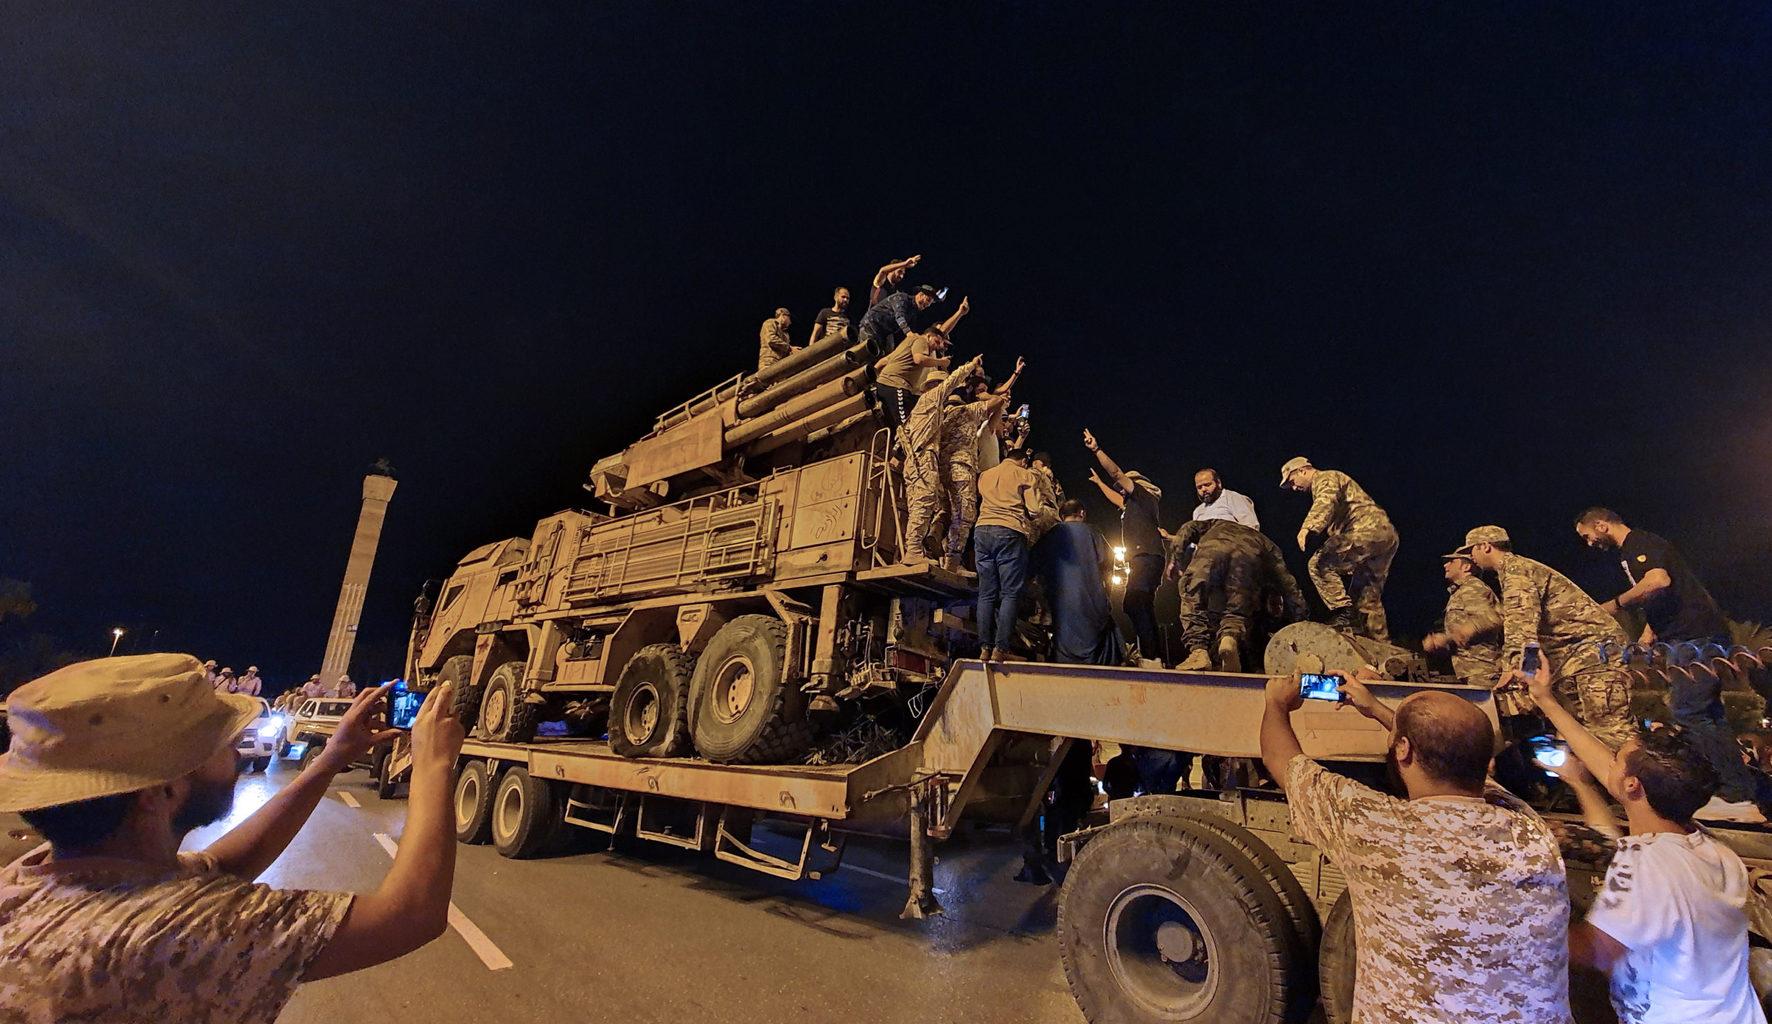 A nyugat-líbiai Al-Vatija légibázisra érkeznek az egységkormány erői az Emirátusoktól beszerzett Pancir-Sz1 légvédelmi rendszerrel, melyet a MAN teherautó alváz különböztet meg az orosz változatoktól #moszkvater